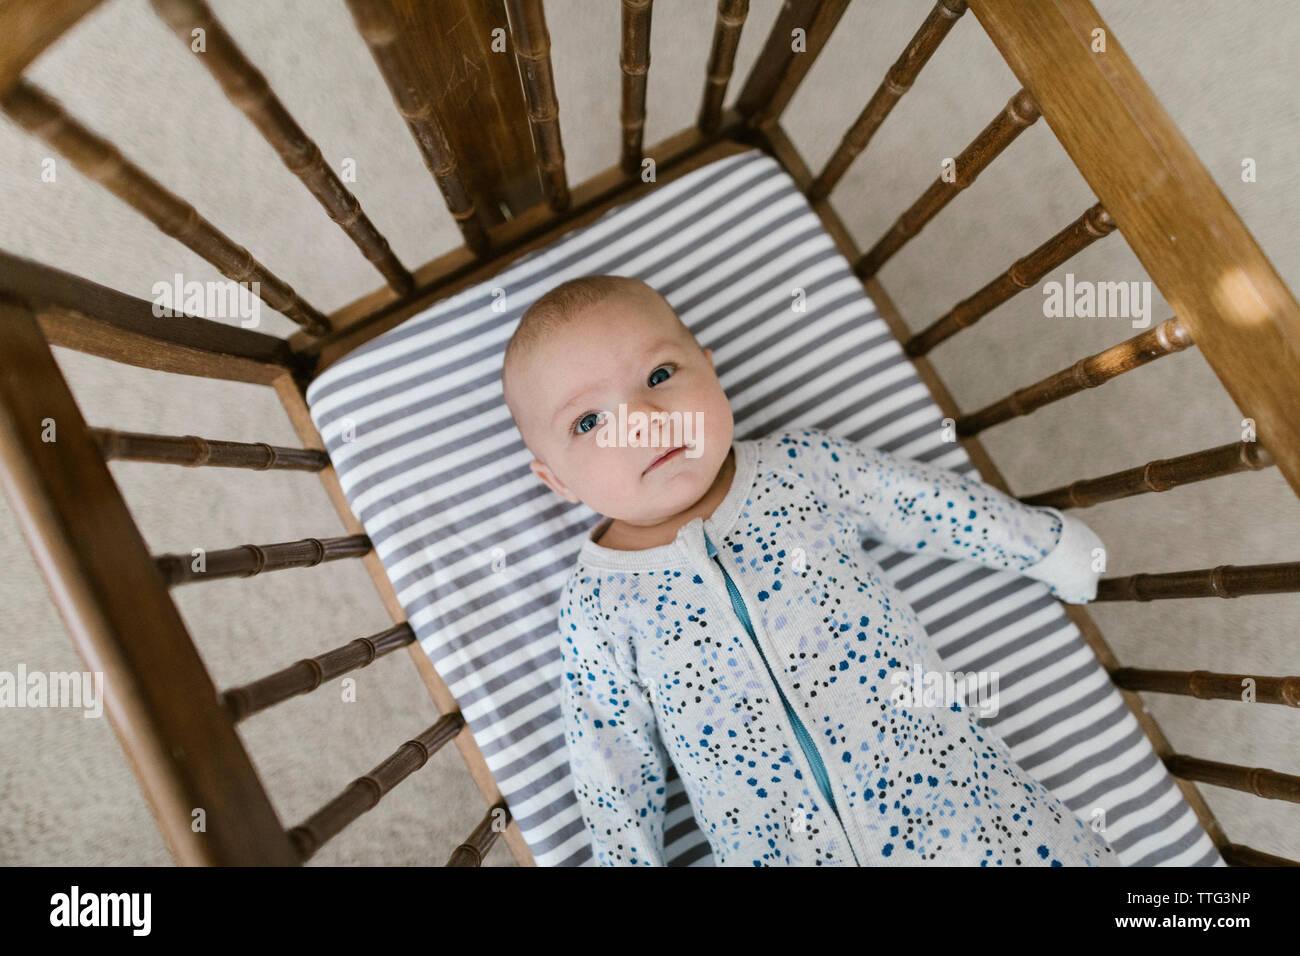 Vue de dessus de la pose bébé dans un berceau en bois Banque D'Images